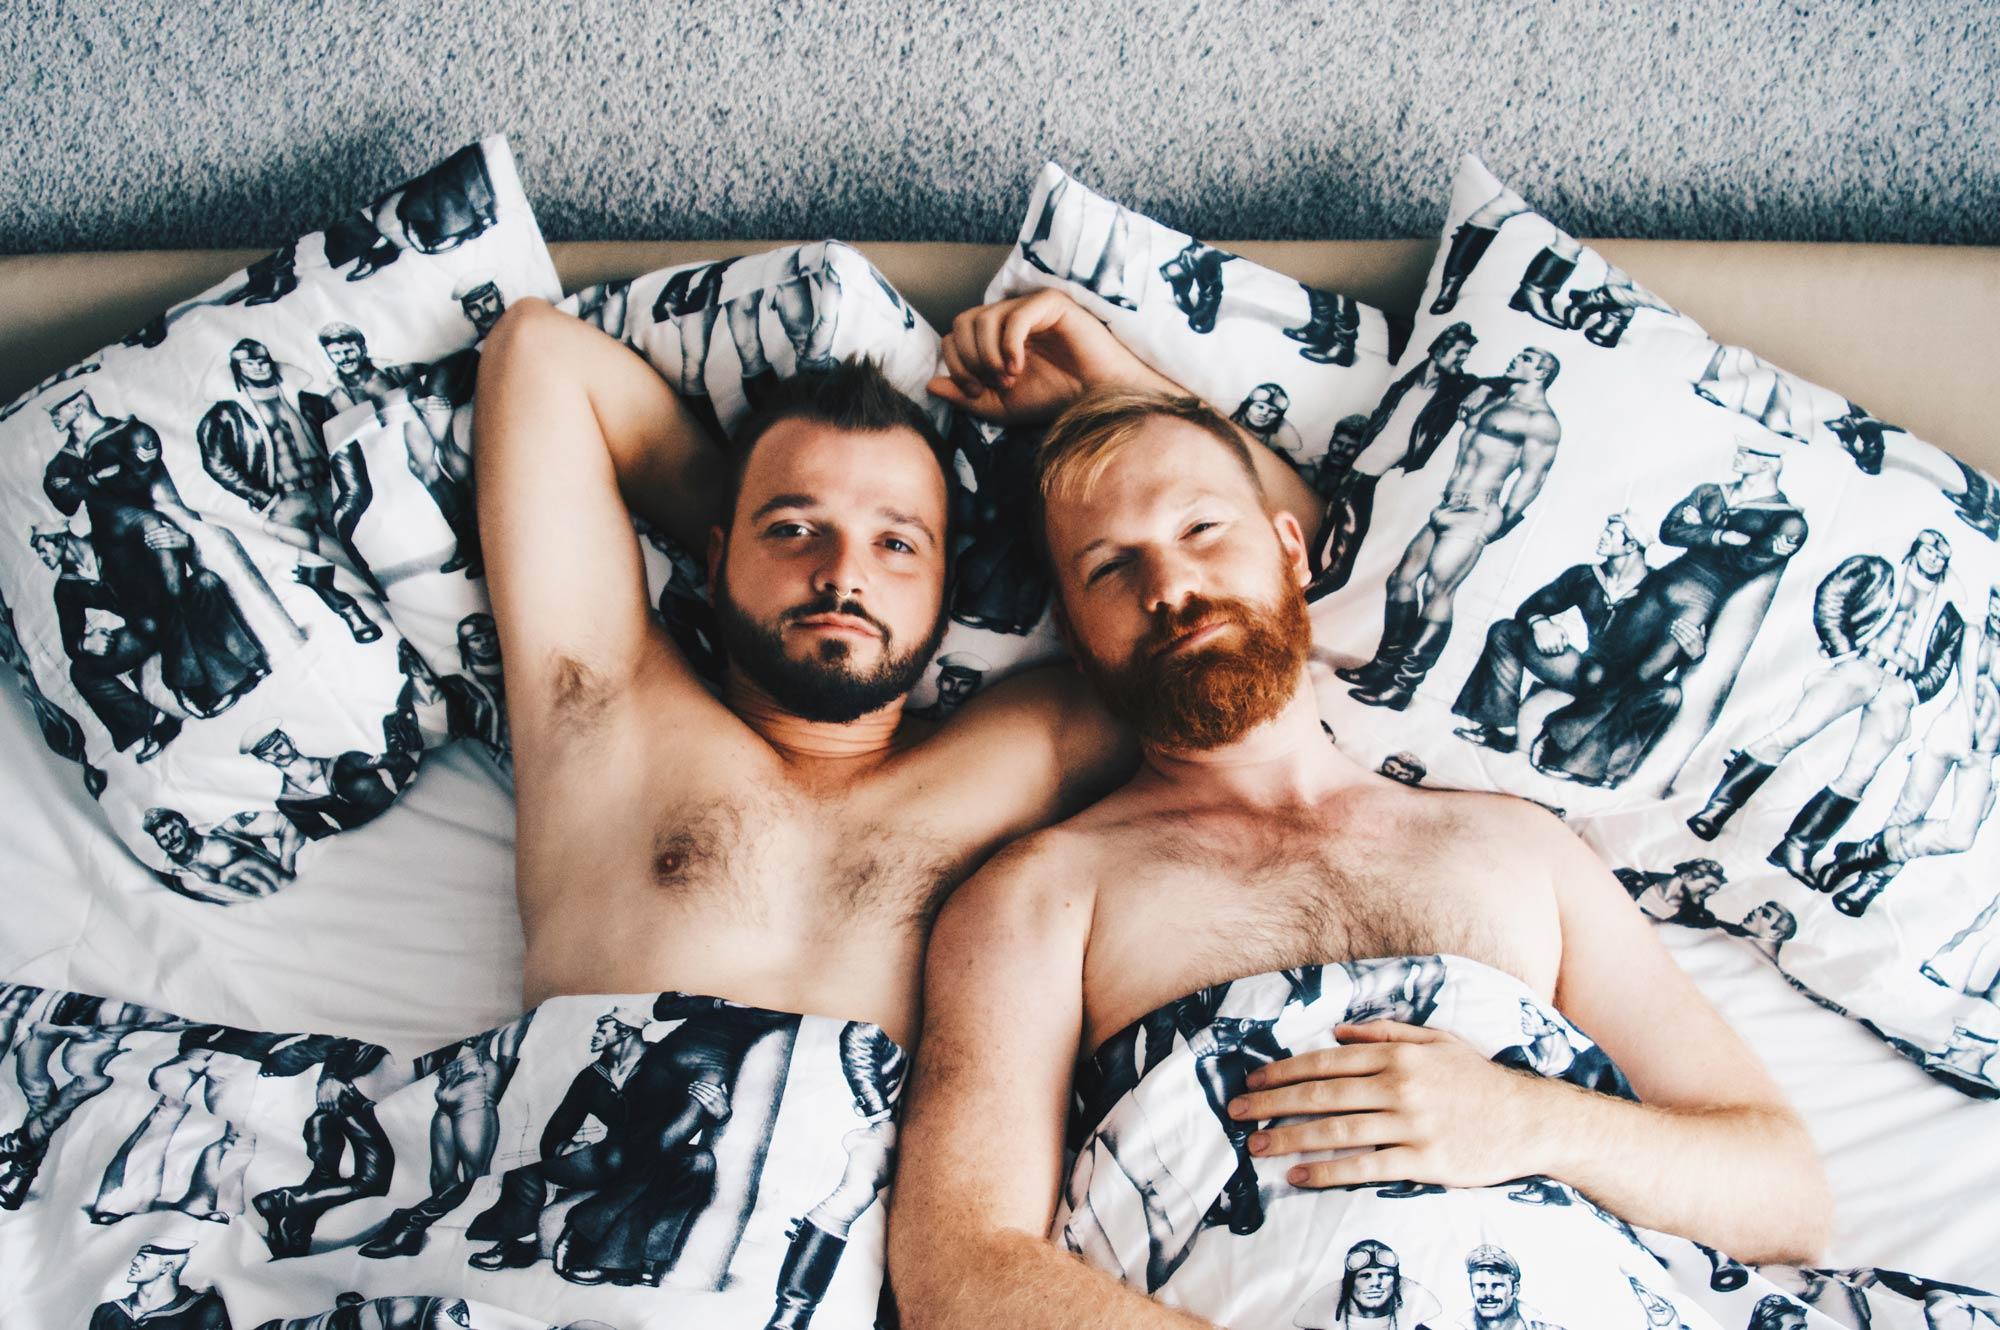 Blogspot sexe gay